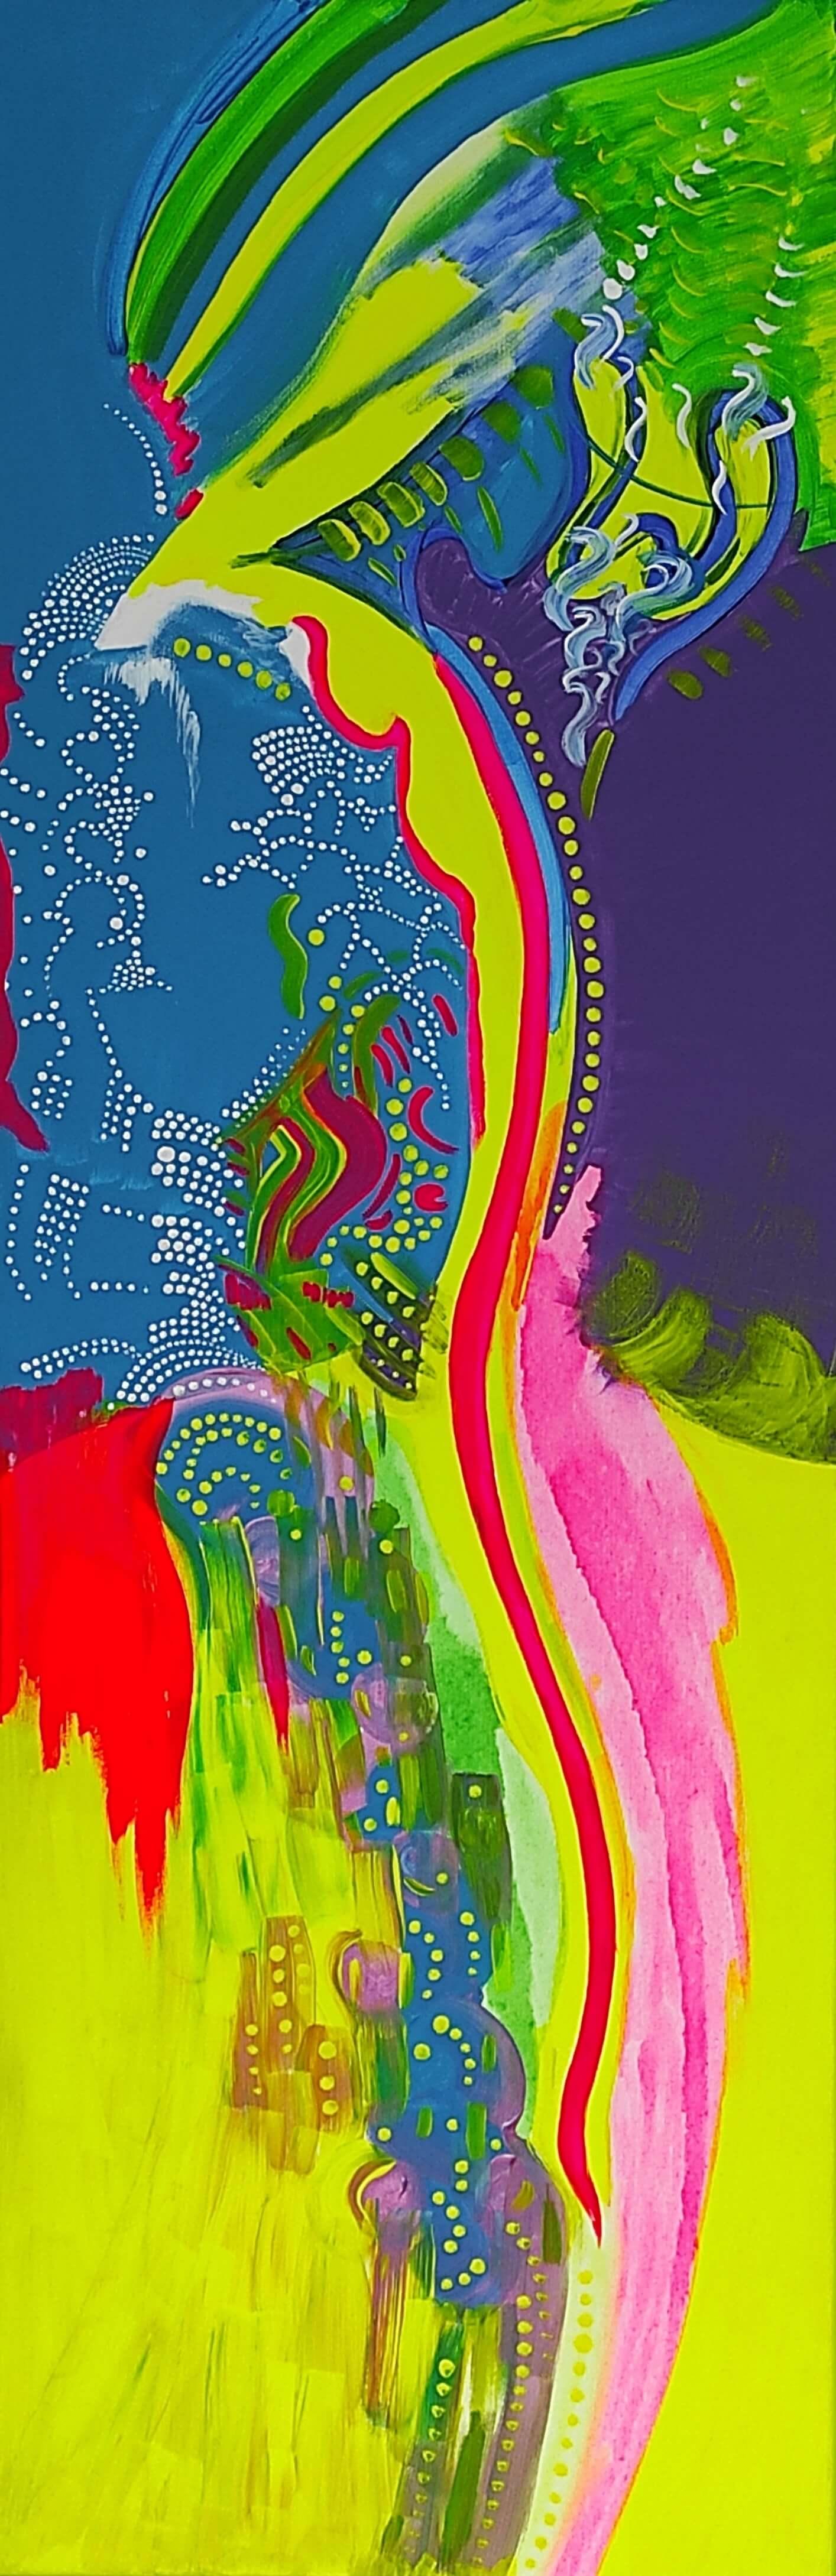 ręcznie malowane, obraz, malarstwo abstrakcyjne, malarstwo intuicyjne, sztuka współczesna, wyobraźnia, awangarda, sztuka na sprzedaż, polska sztuka